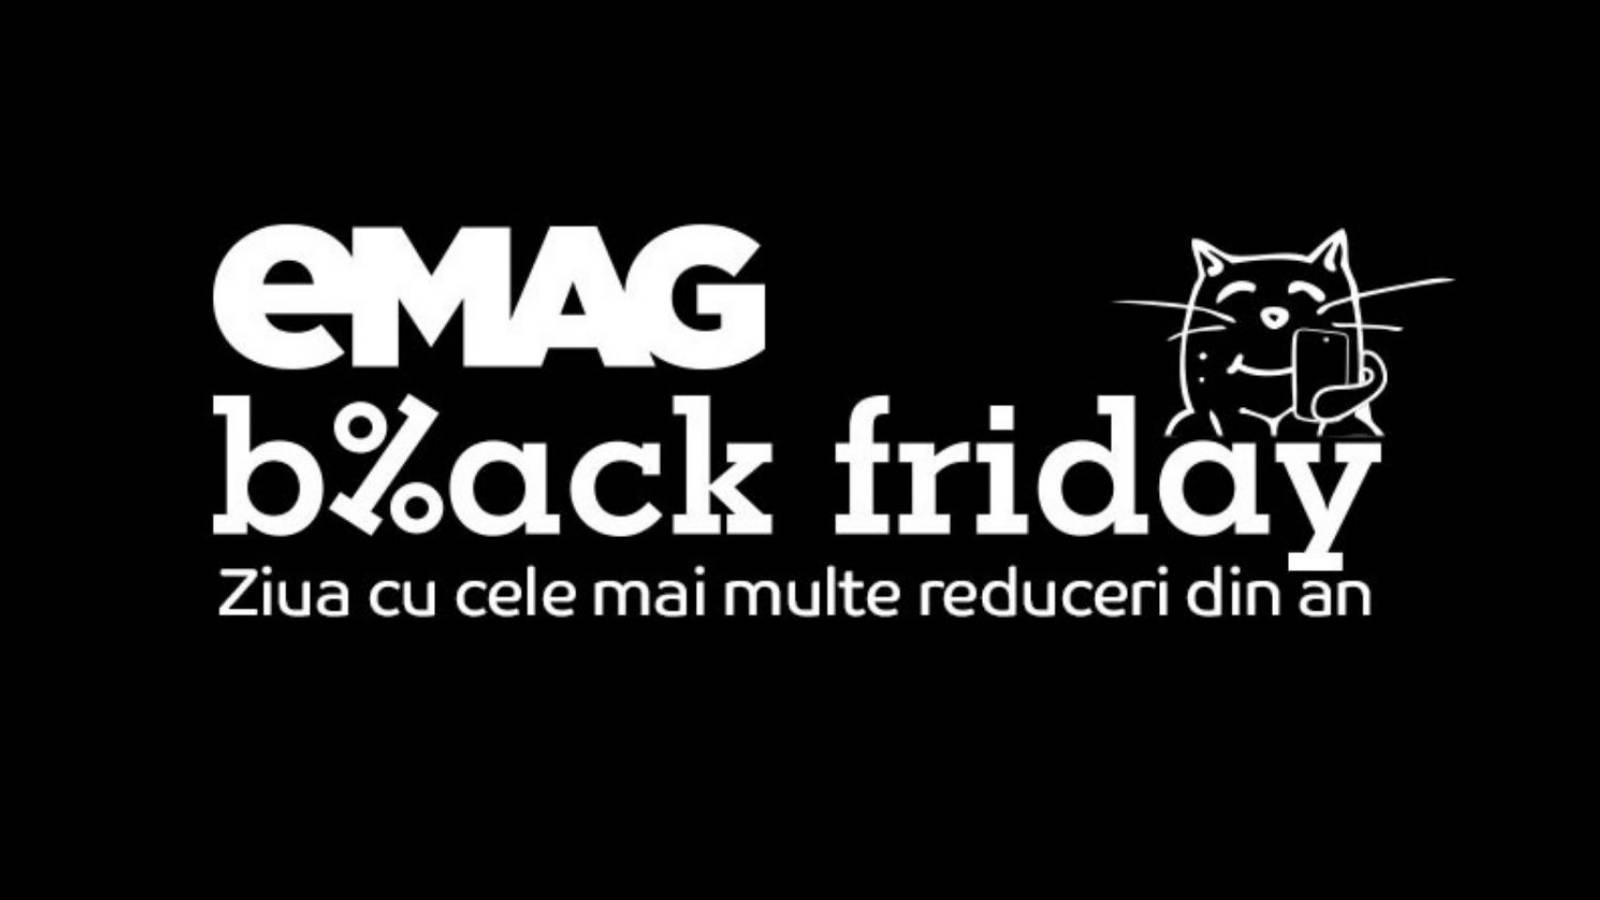 BLACK FRIDAY 2019 EMAG anunt reduceri